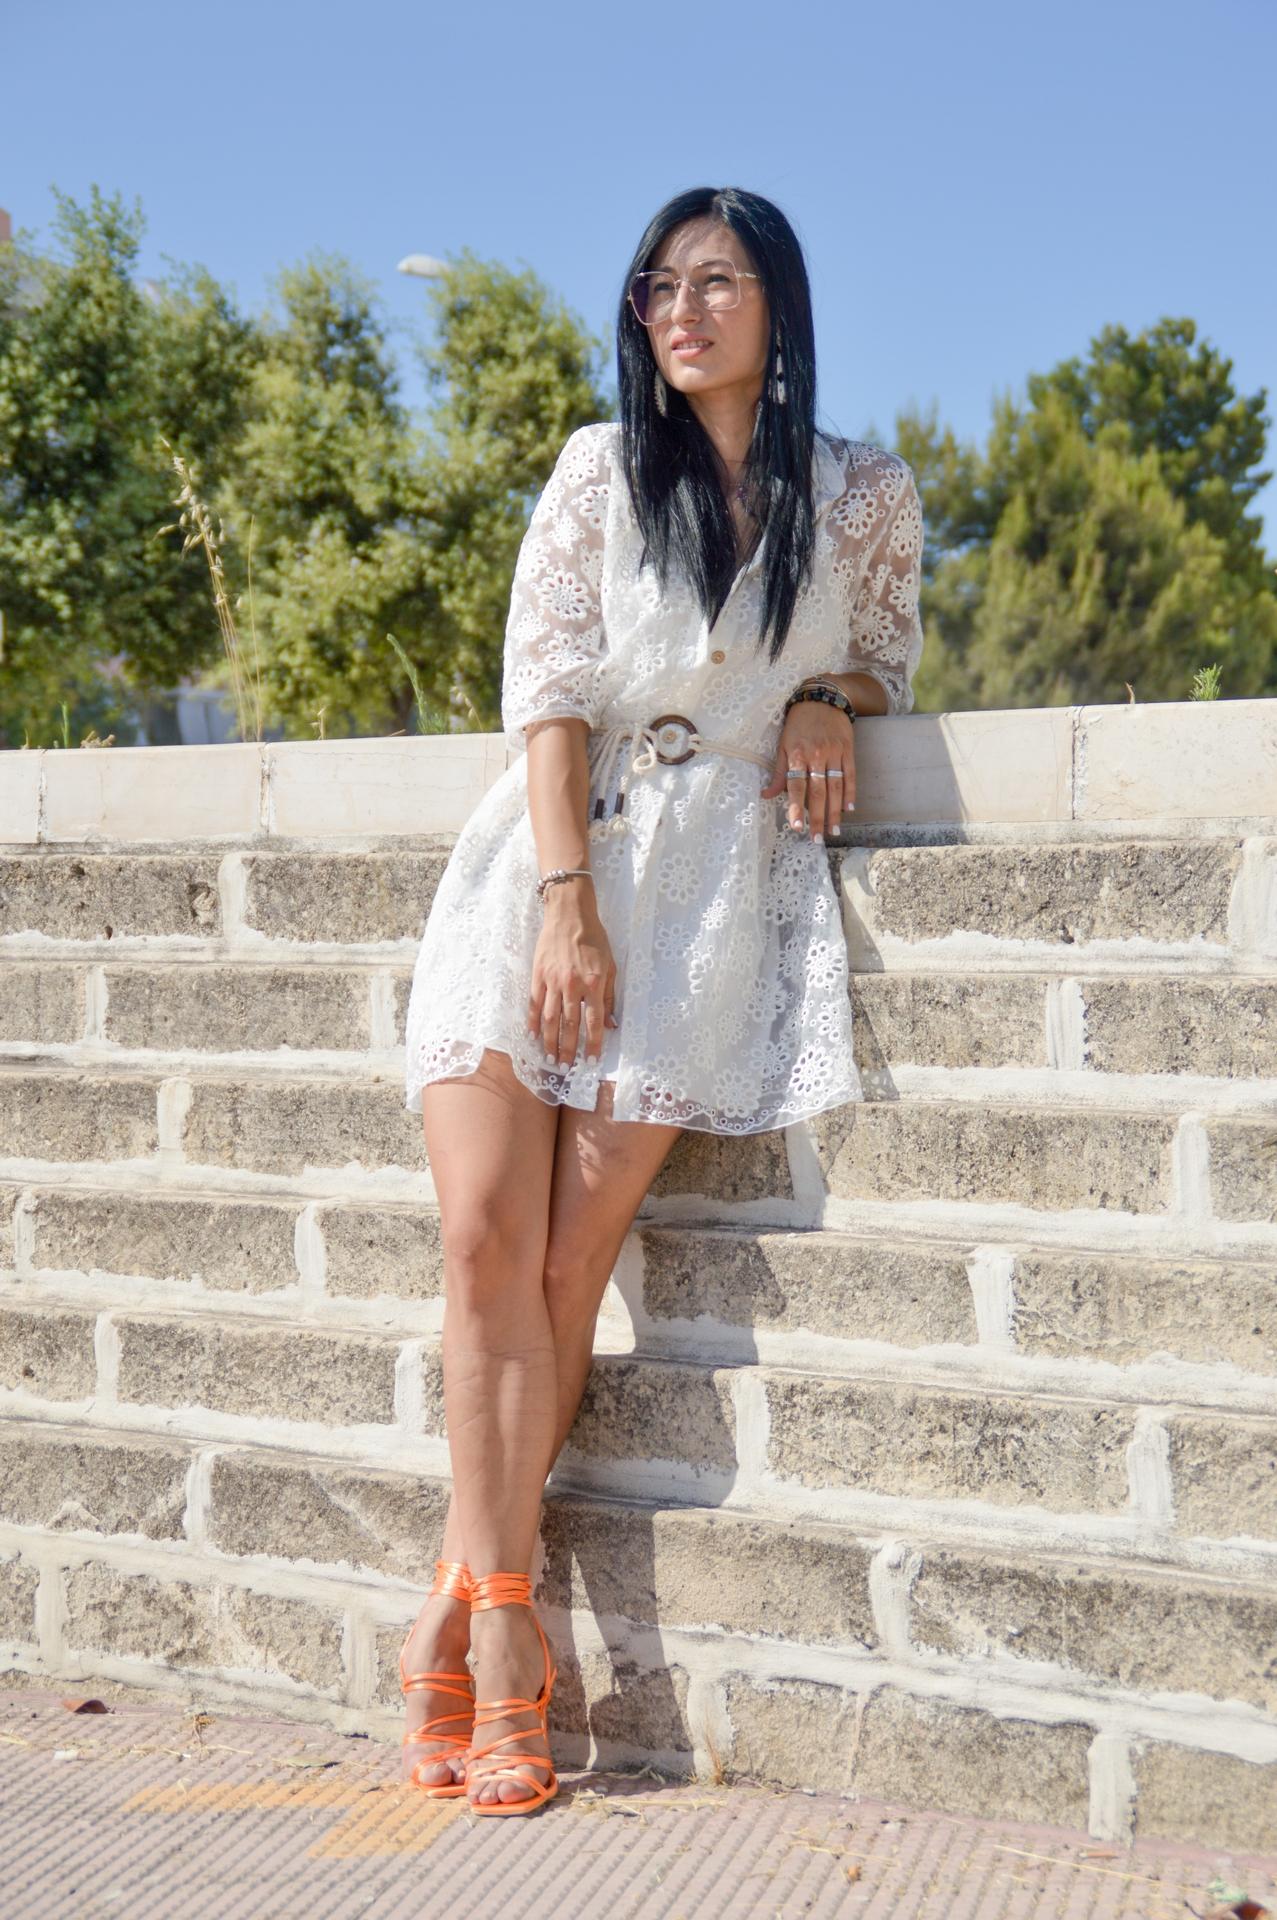 Tiziana Leo Hostess|Fotomodella|Modella| BSA Agency di Barone Salvatore Alessandro